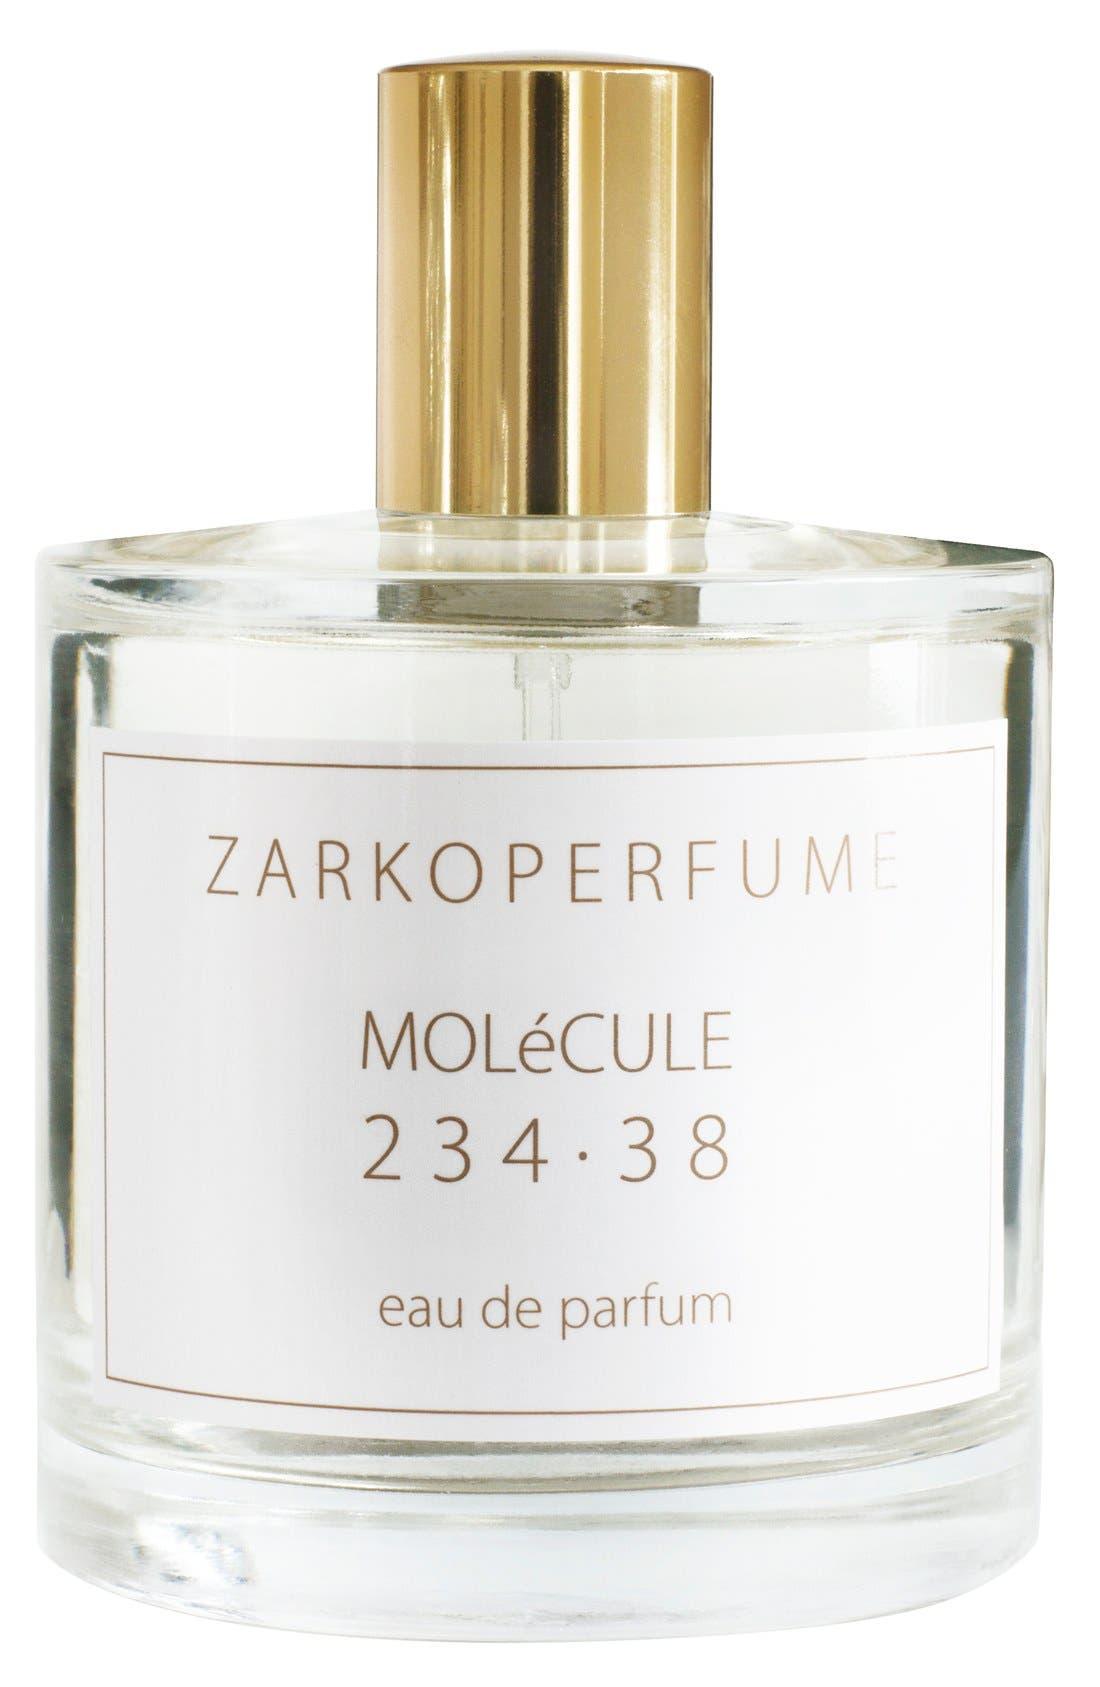 'MOLéCULE 234.38' Eau de Parfum,                             Main thumbnail 1, color,                             000